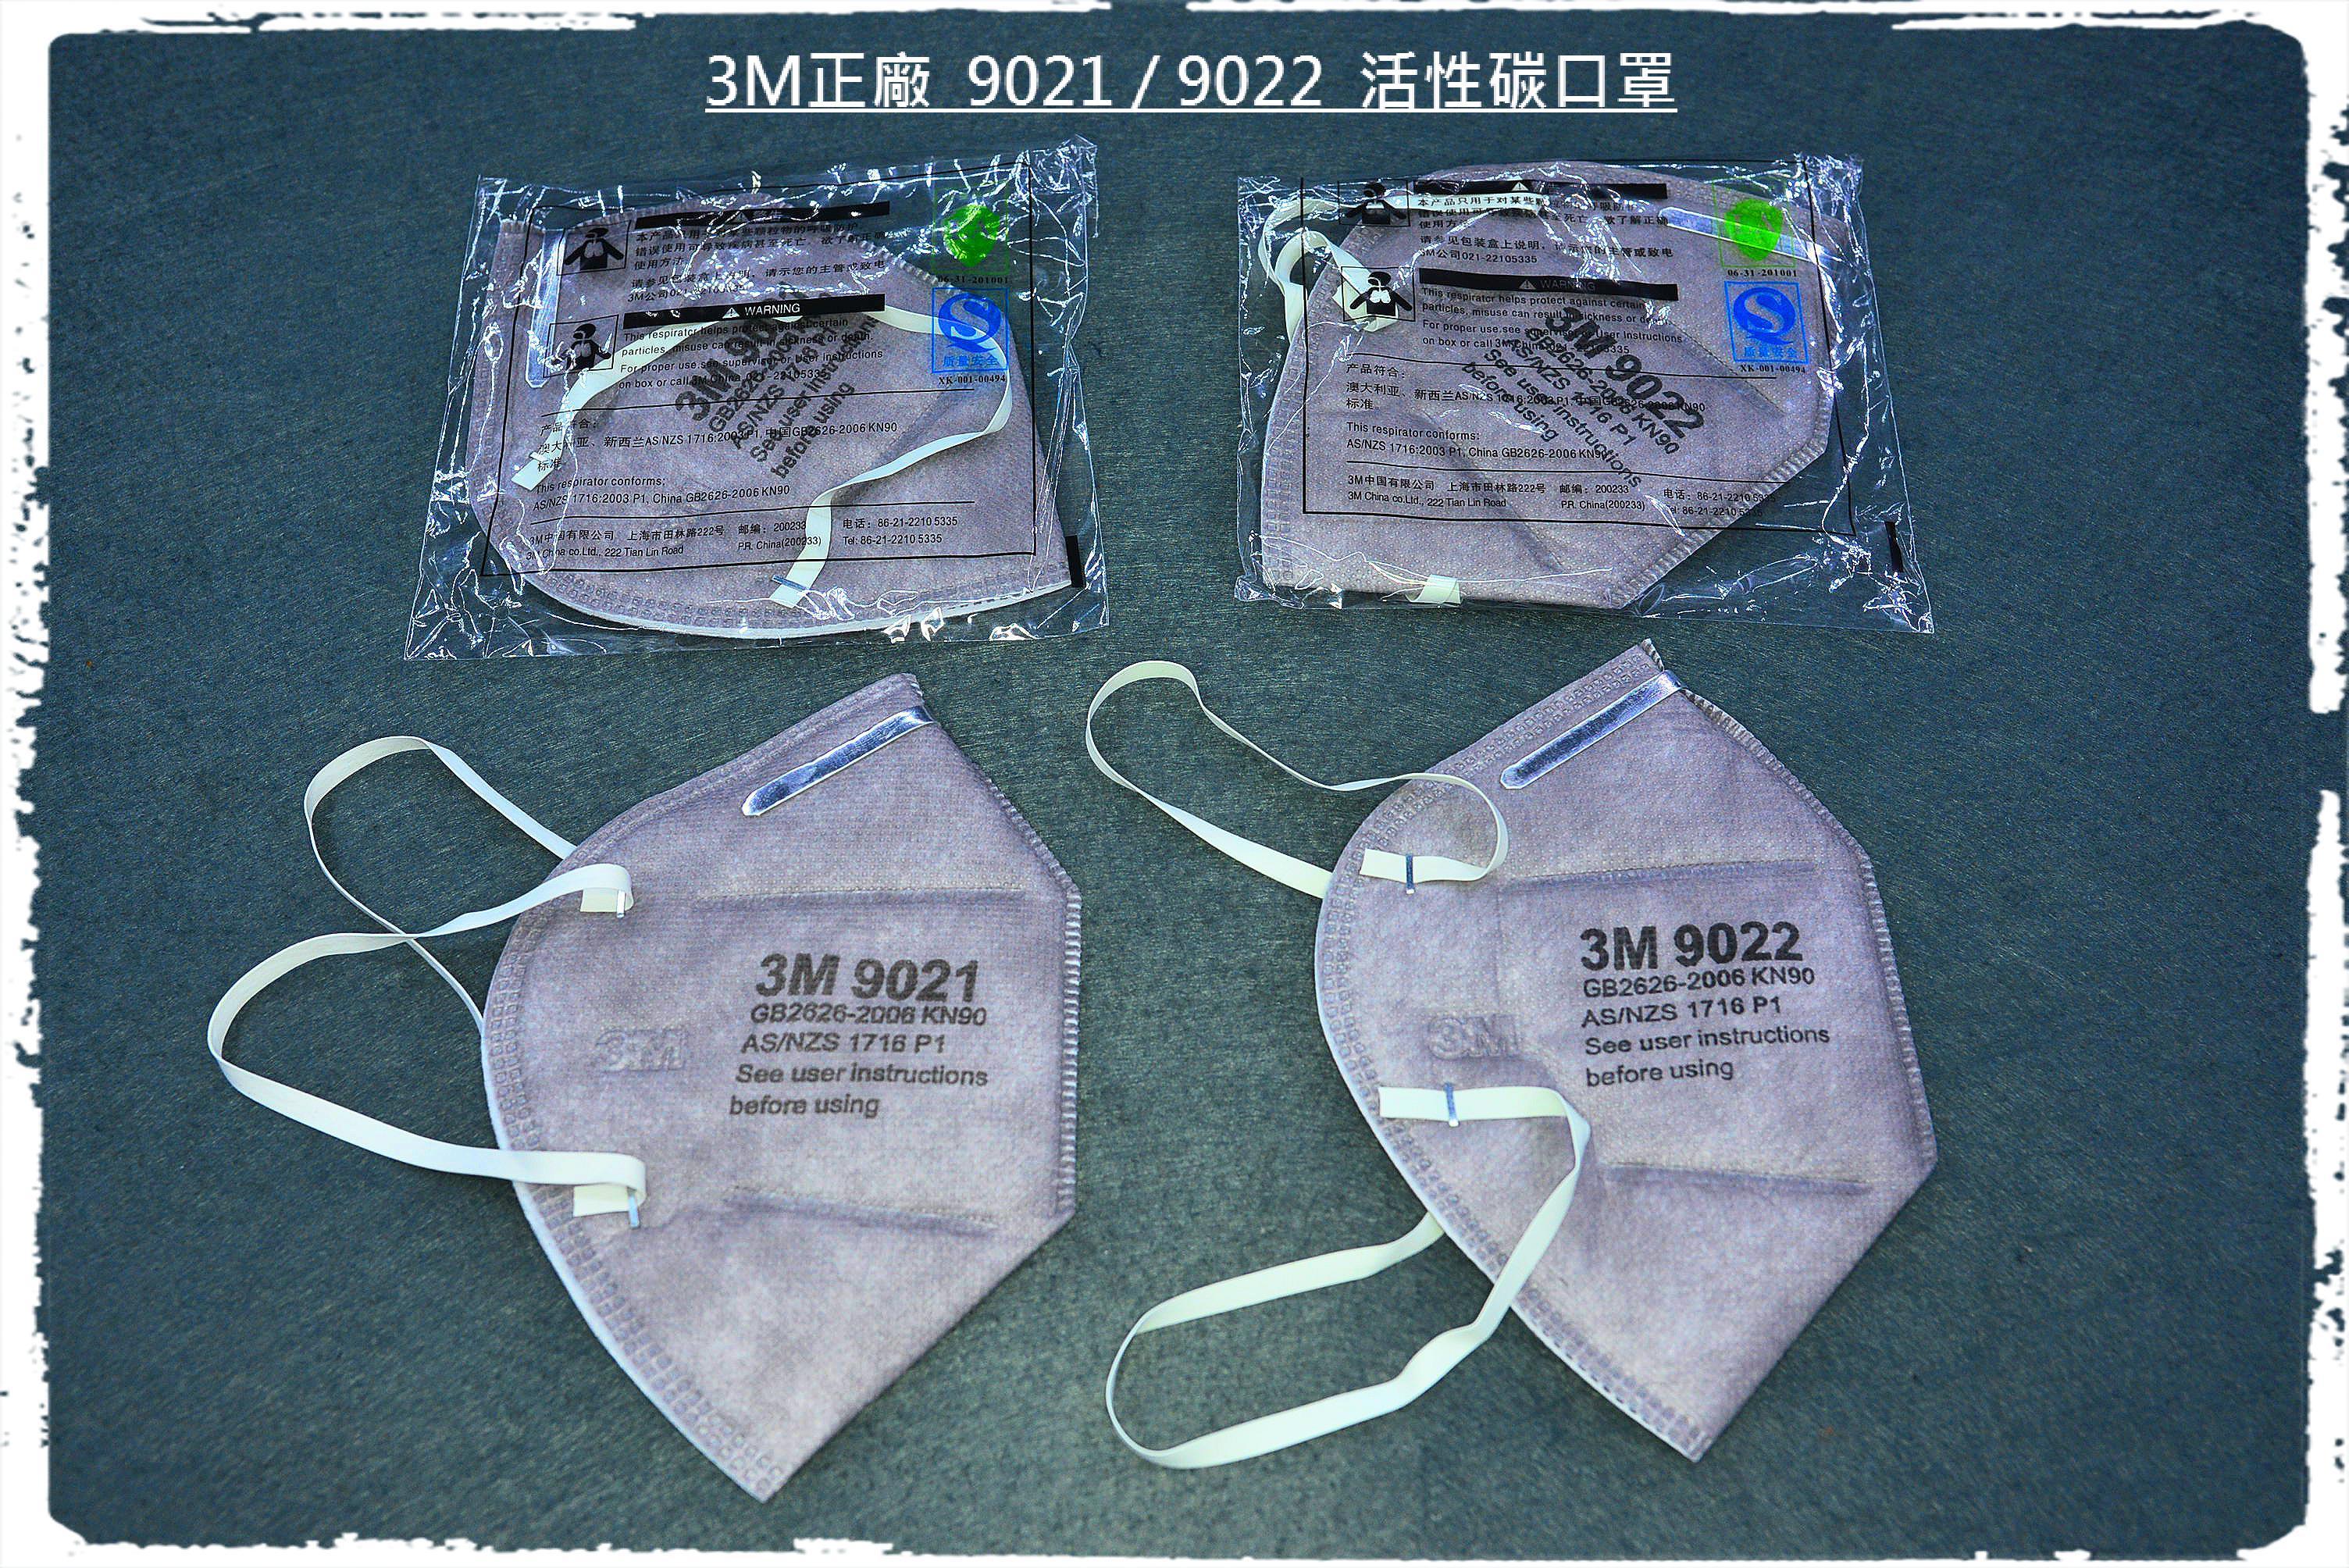 3M正廠 9021 9022 活性碳防塵口罩 拋棄式 耳掛式 頭戴式 折疊式 透氣保暖保溫過濾 化工廠醫藥廠工地工程施工